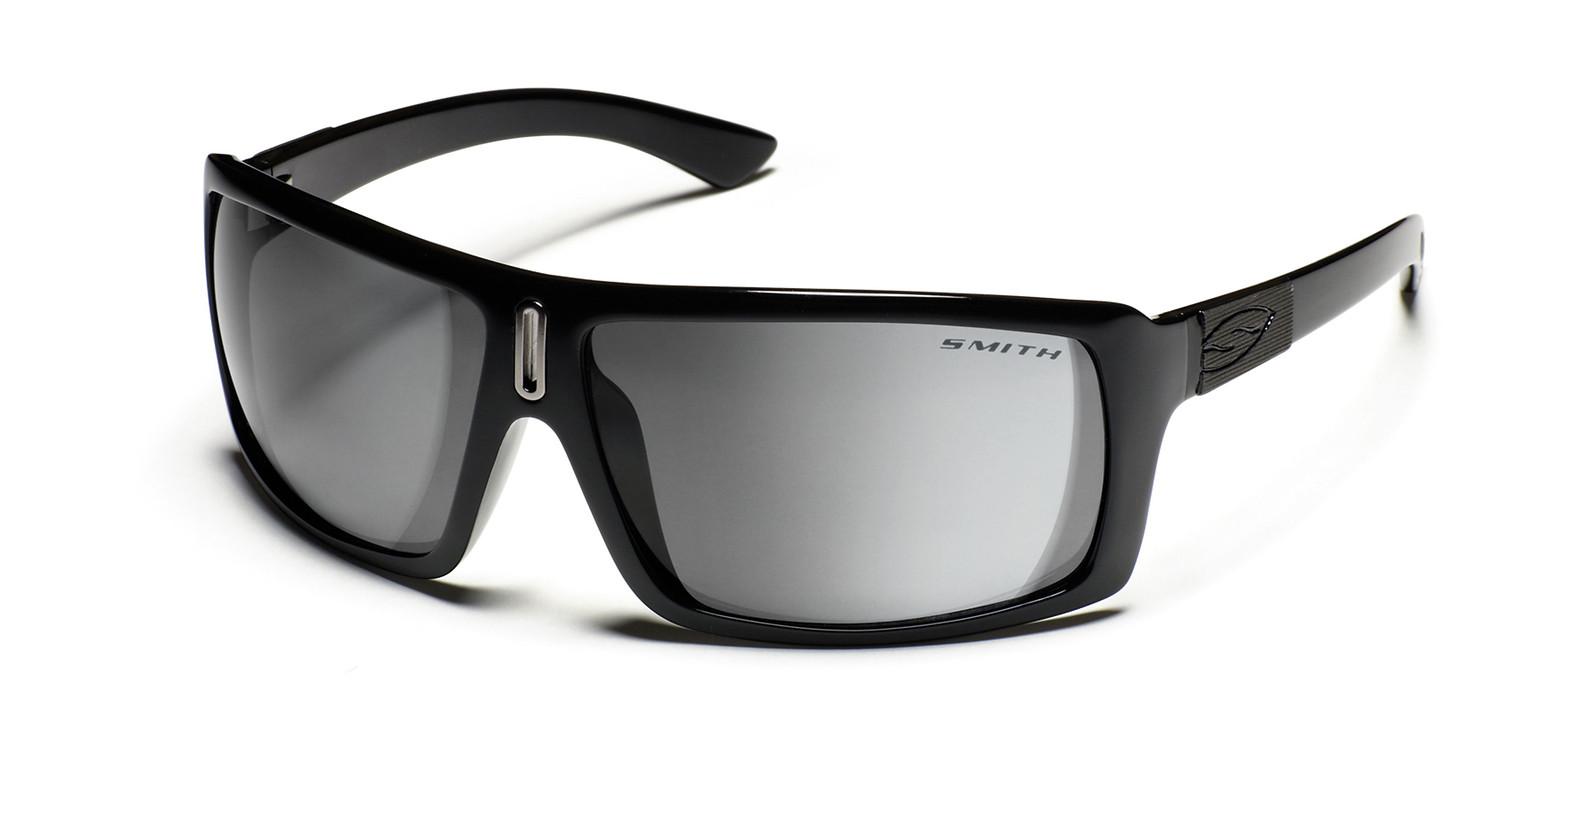 Smith Annex Sunglasses Balck/Grey Lens  smith-annex-sngls-blkgry-09.jpg